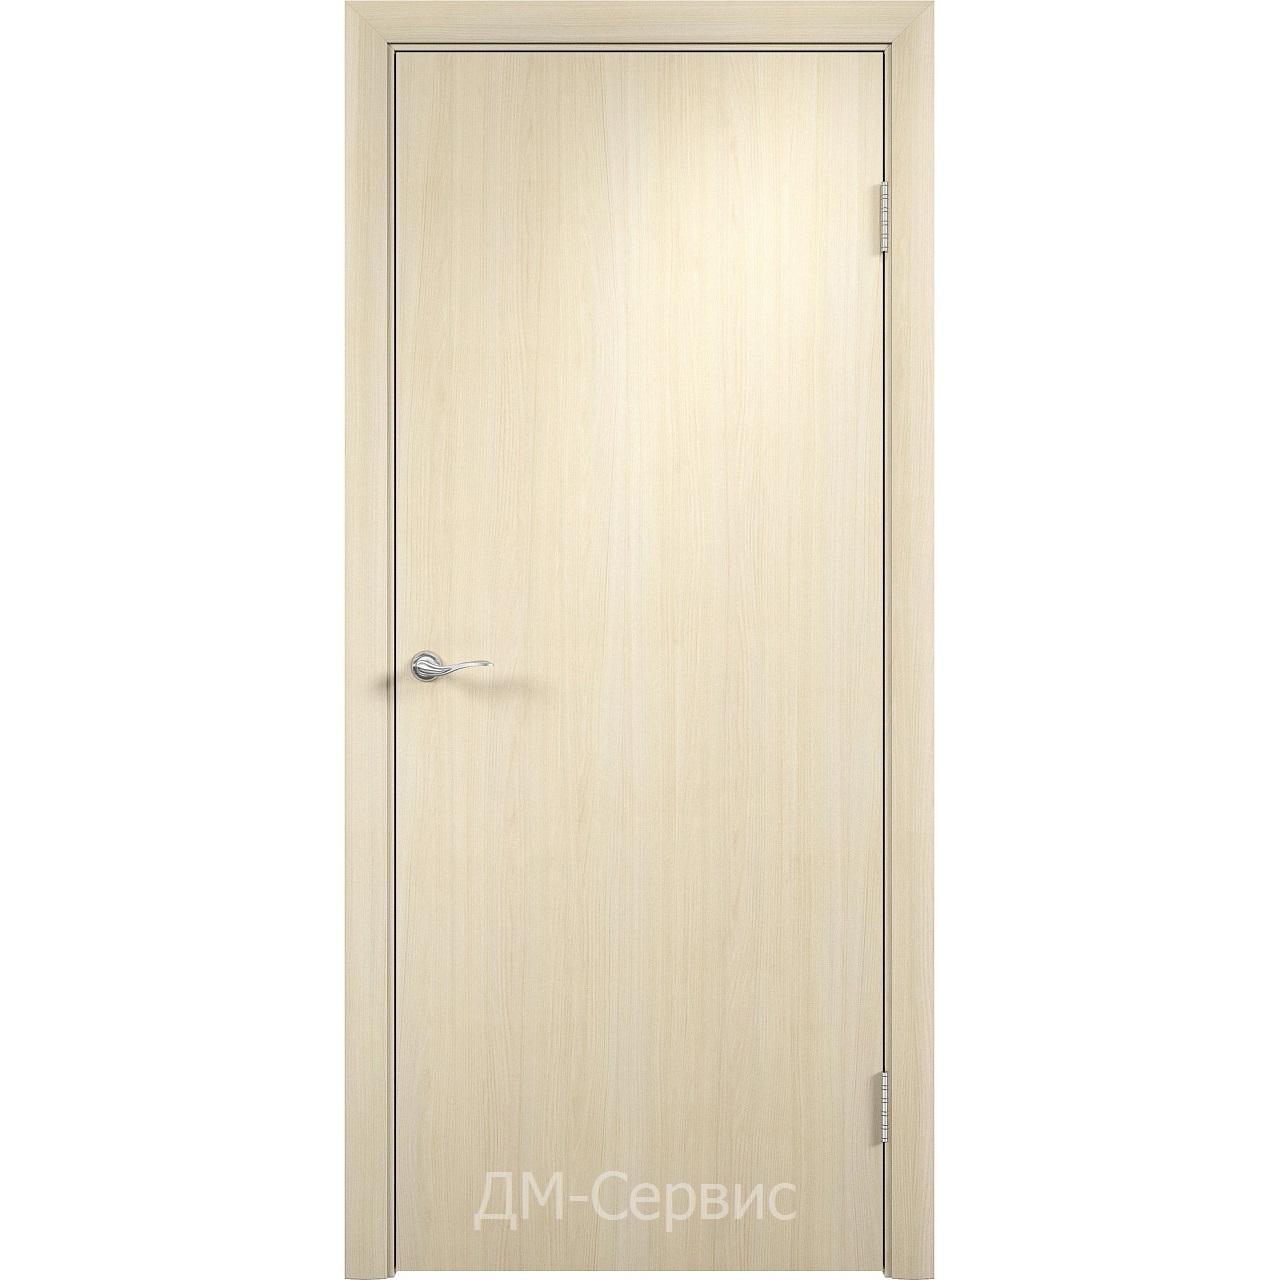 Строительный дверной блок с четвертью ДПГ ПВХ гладкий